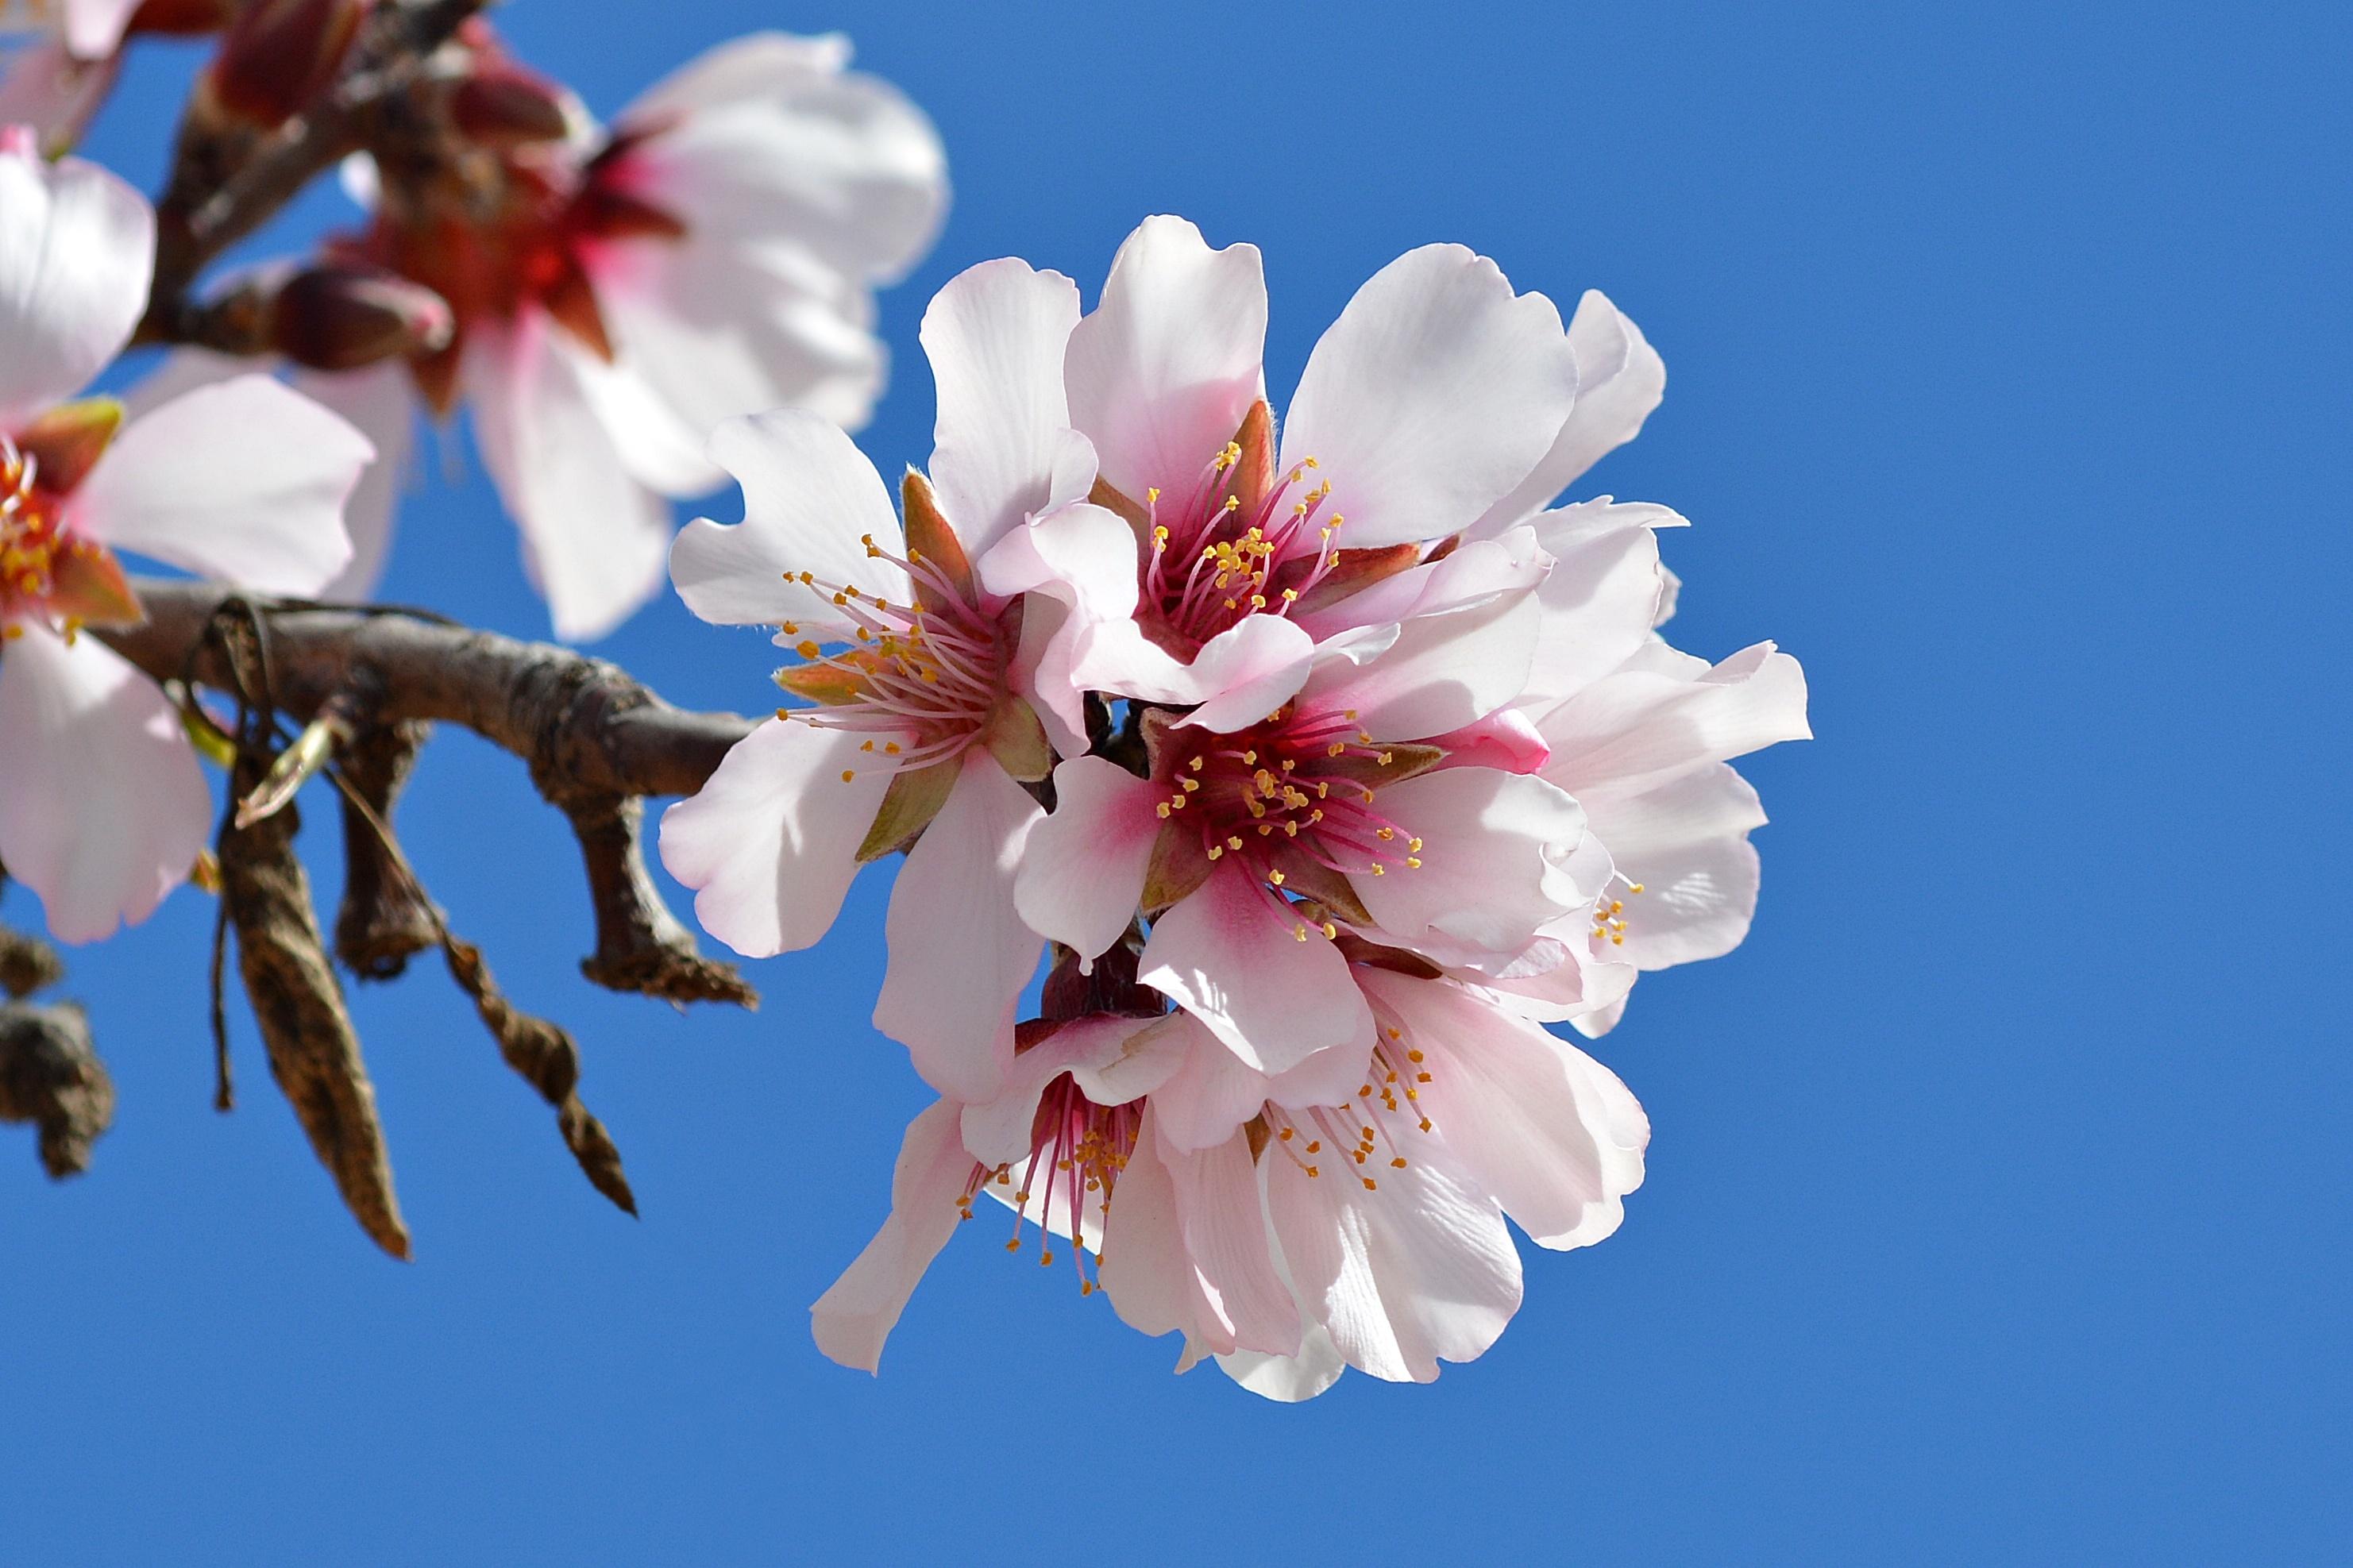 La primavera en flor: La flor del almendro